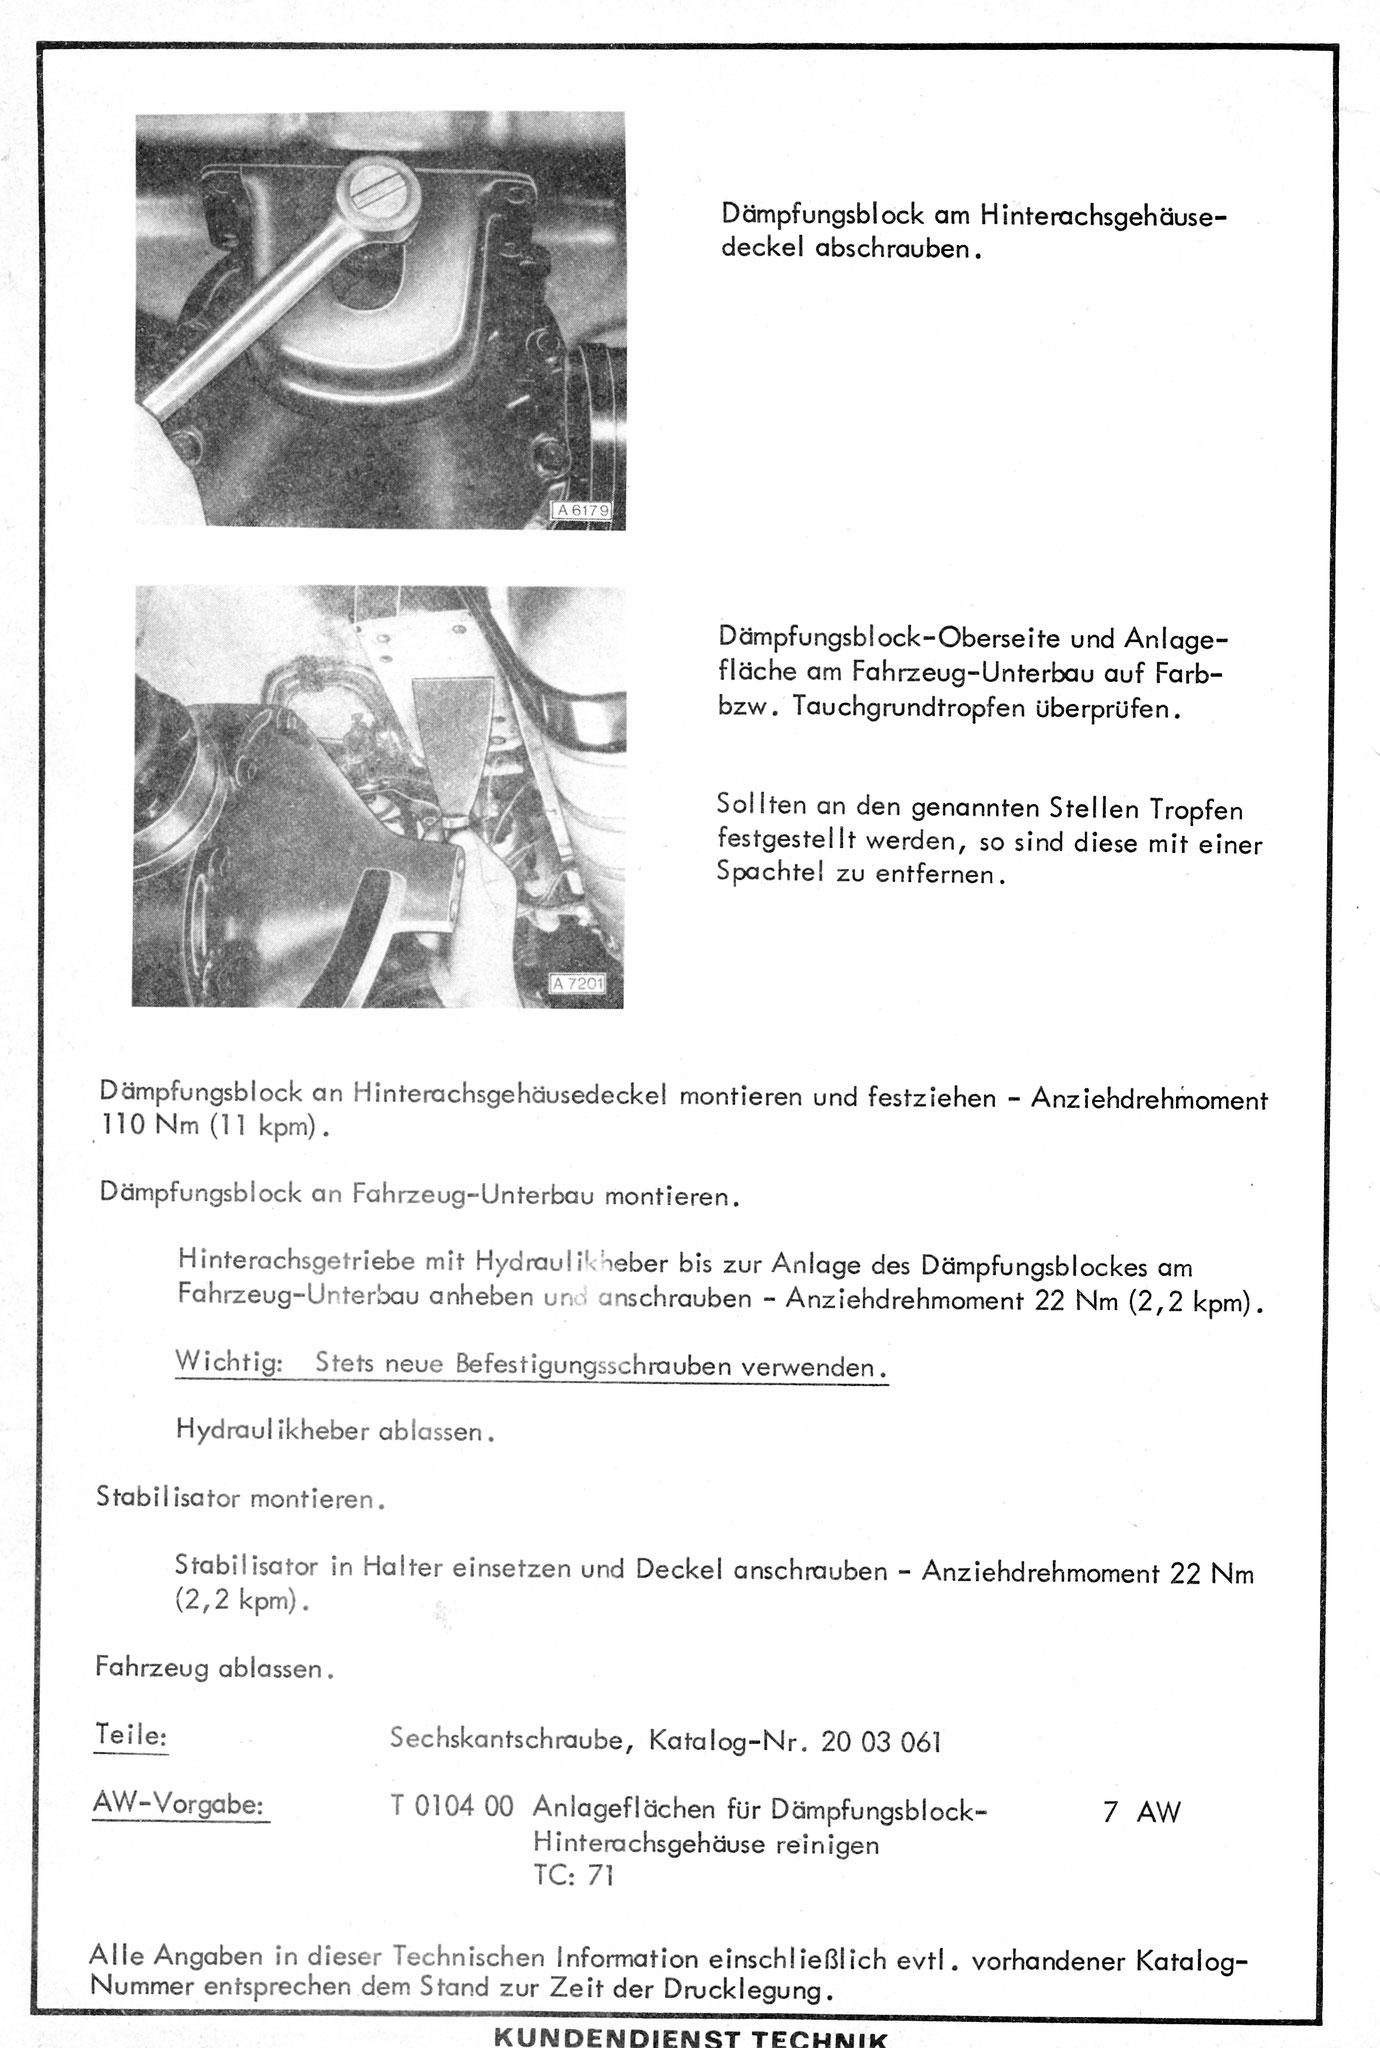 Großartig Einphasen Wechselstrom Motor Drehzahlregelkreis Galerie ...